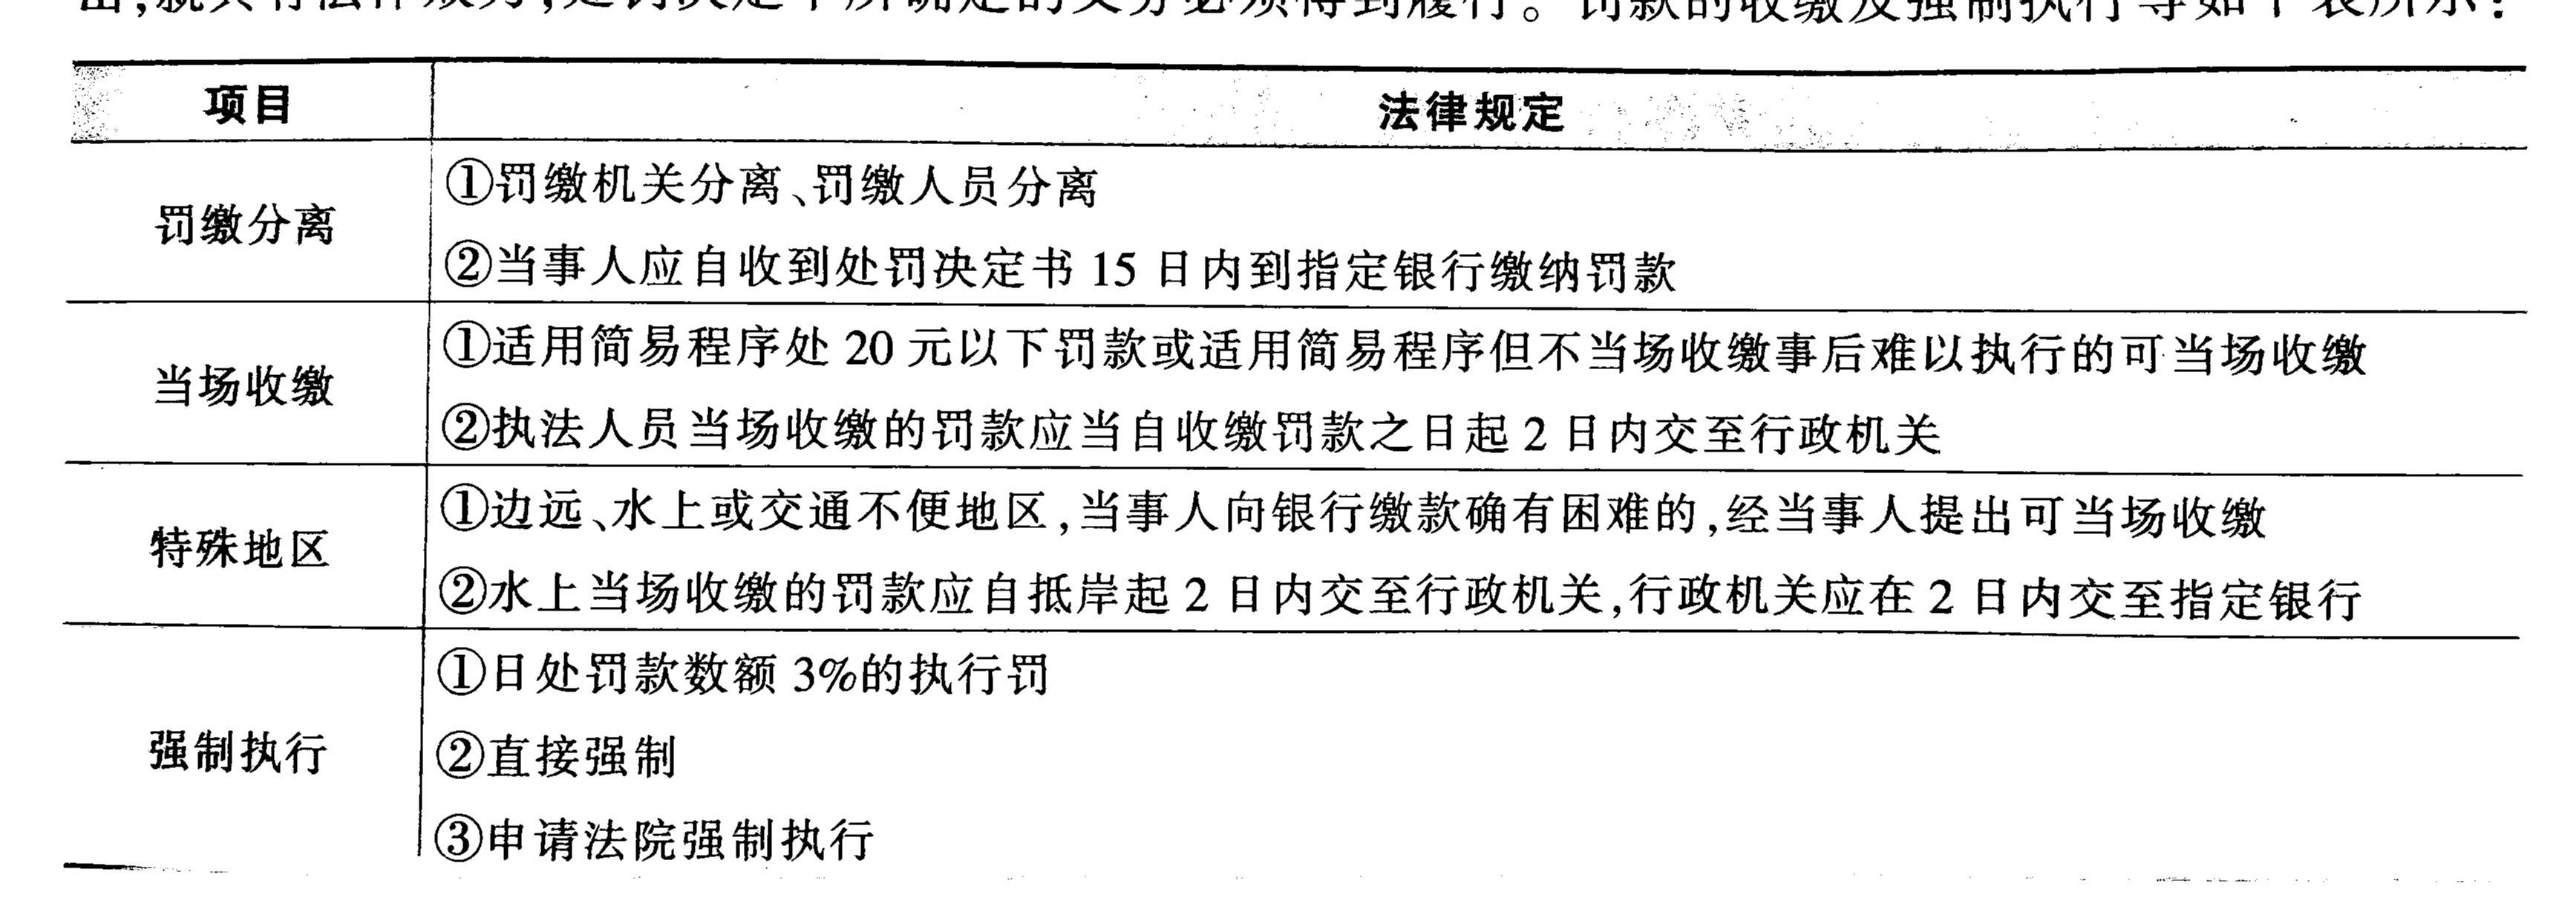 2019事业单位法律知识:行政处罚执行程序